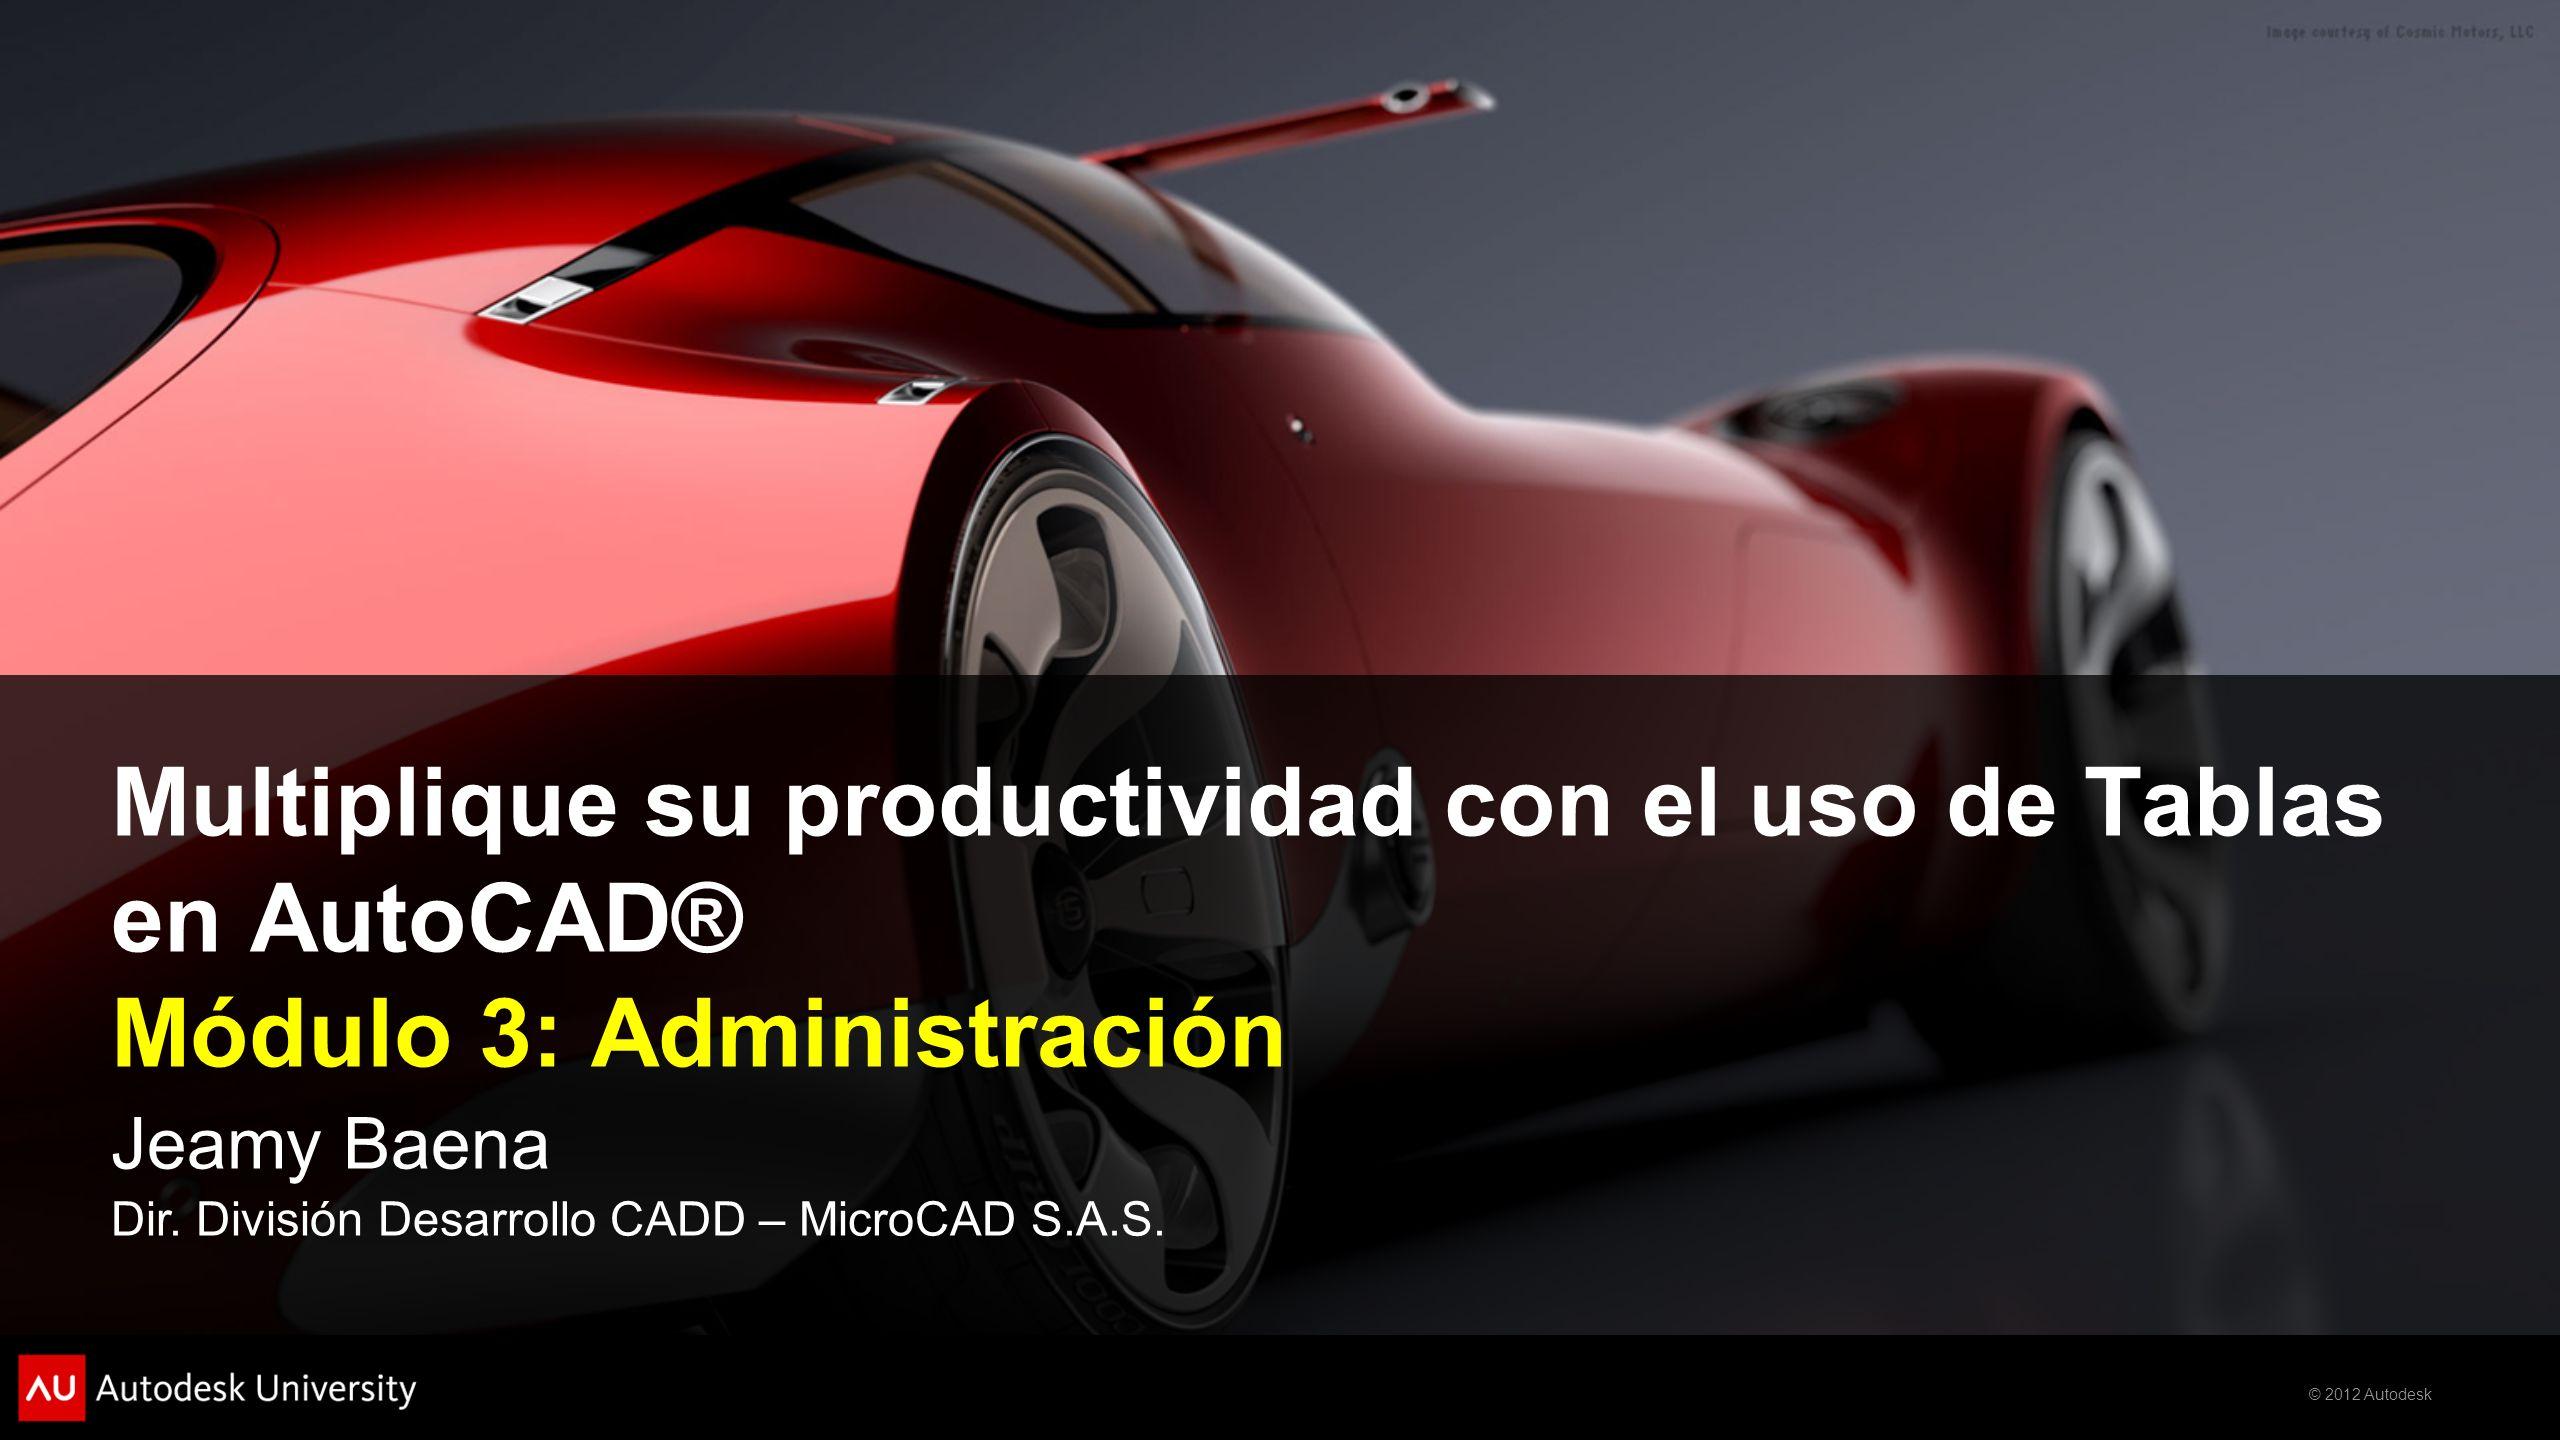 Multiplique su productividad con el uso de Tablas en AutoCAD® Módulo 3: Administración